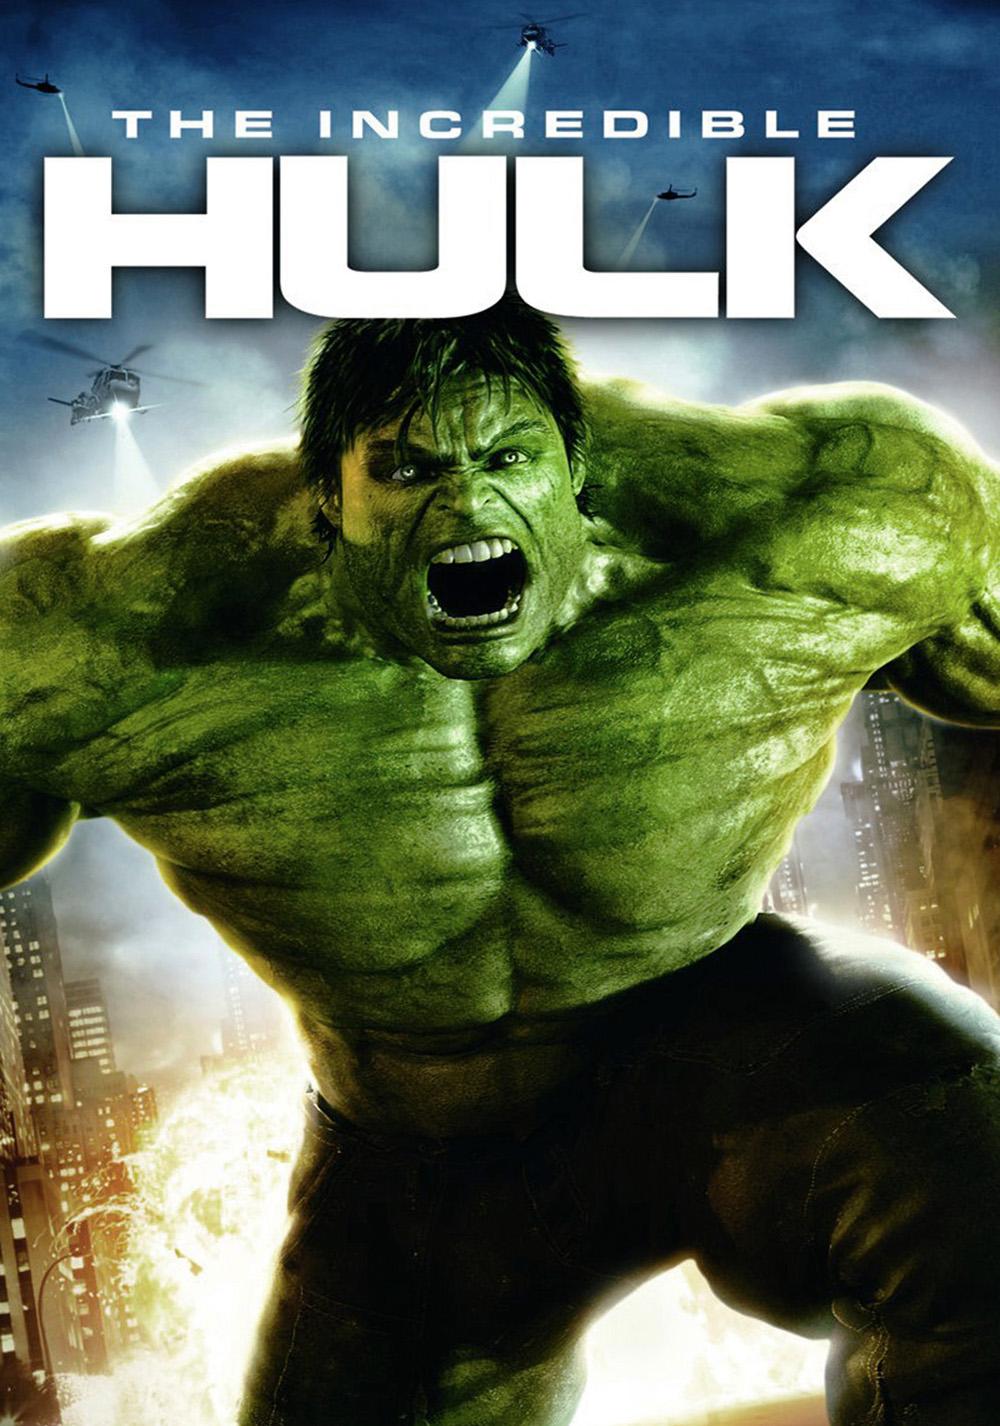 the incredible hulk movie fanart fanarttv